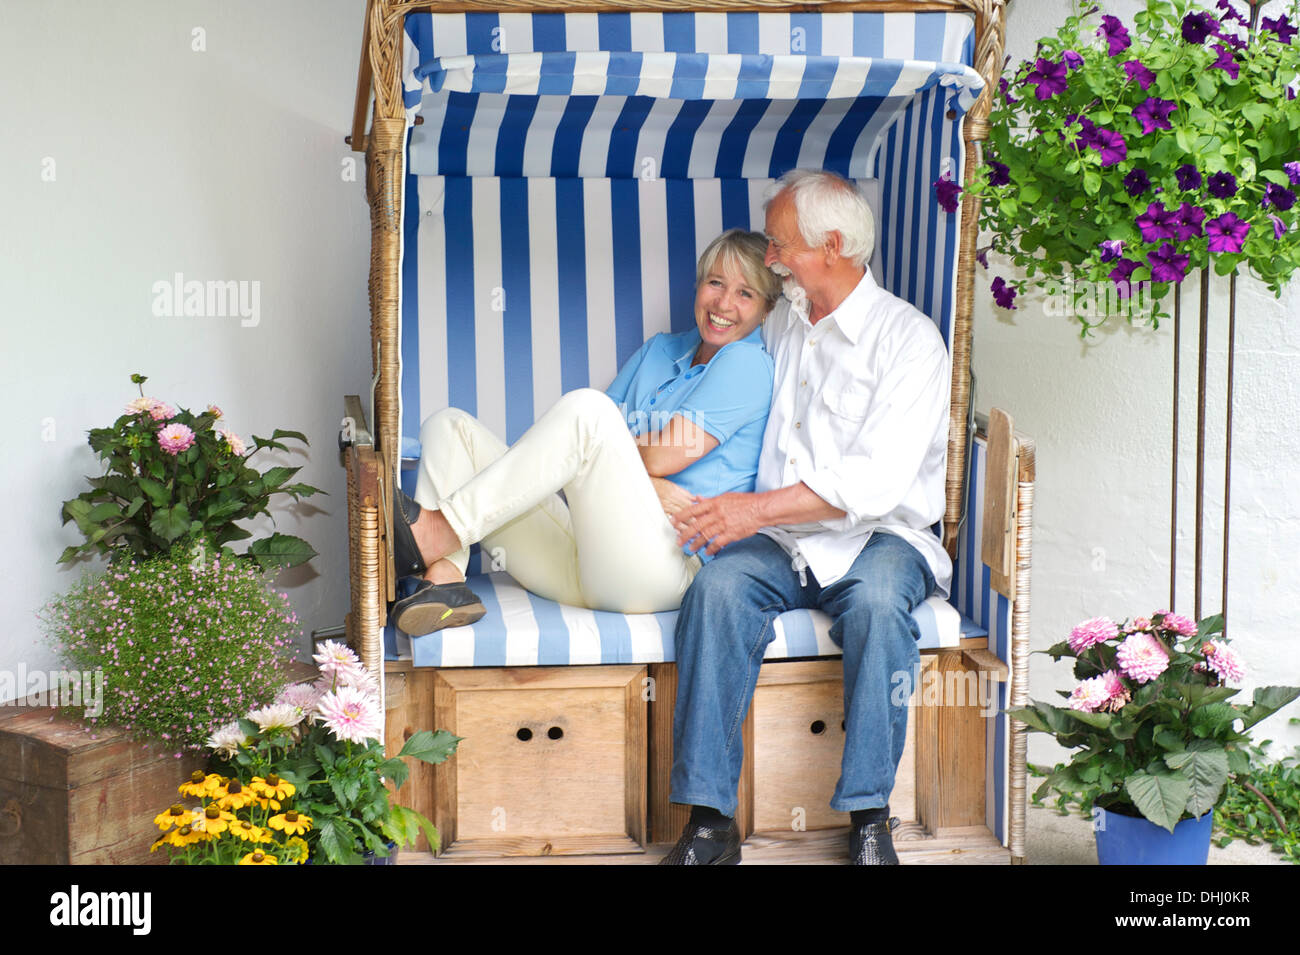 Coppia in pensione rilassante sulla sedia da giardino Immagini Stock